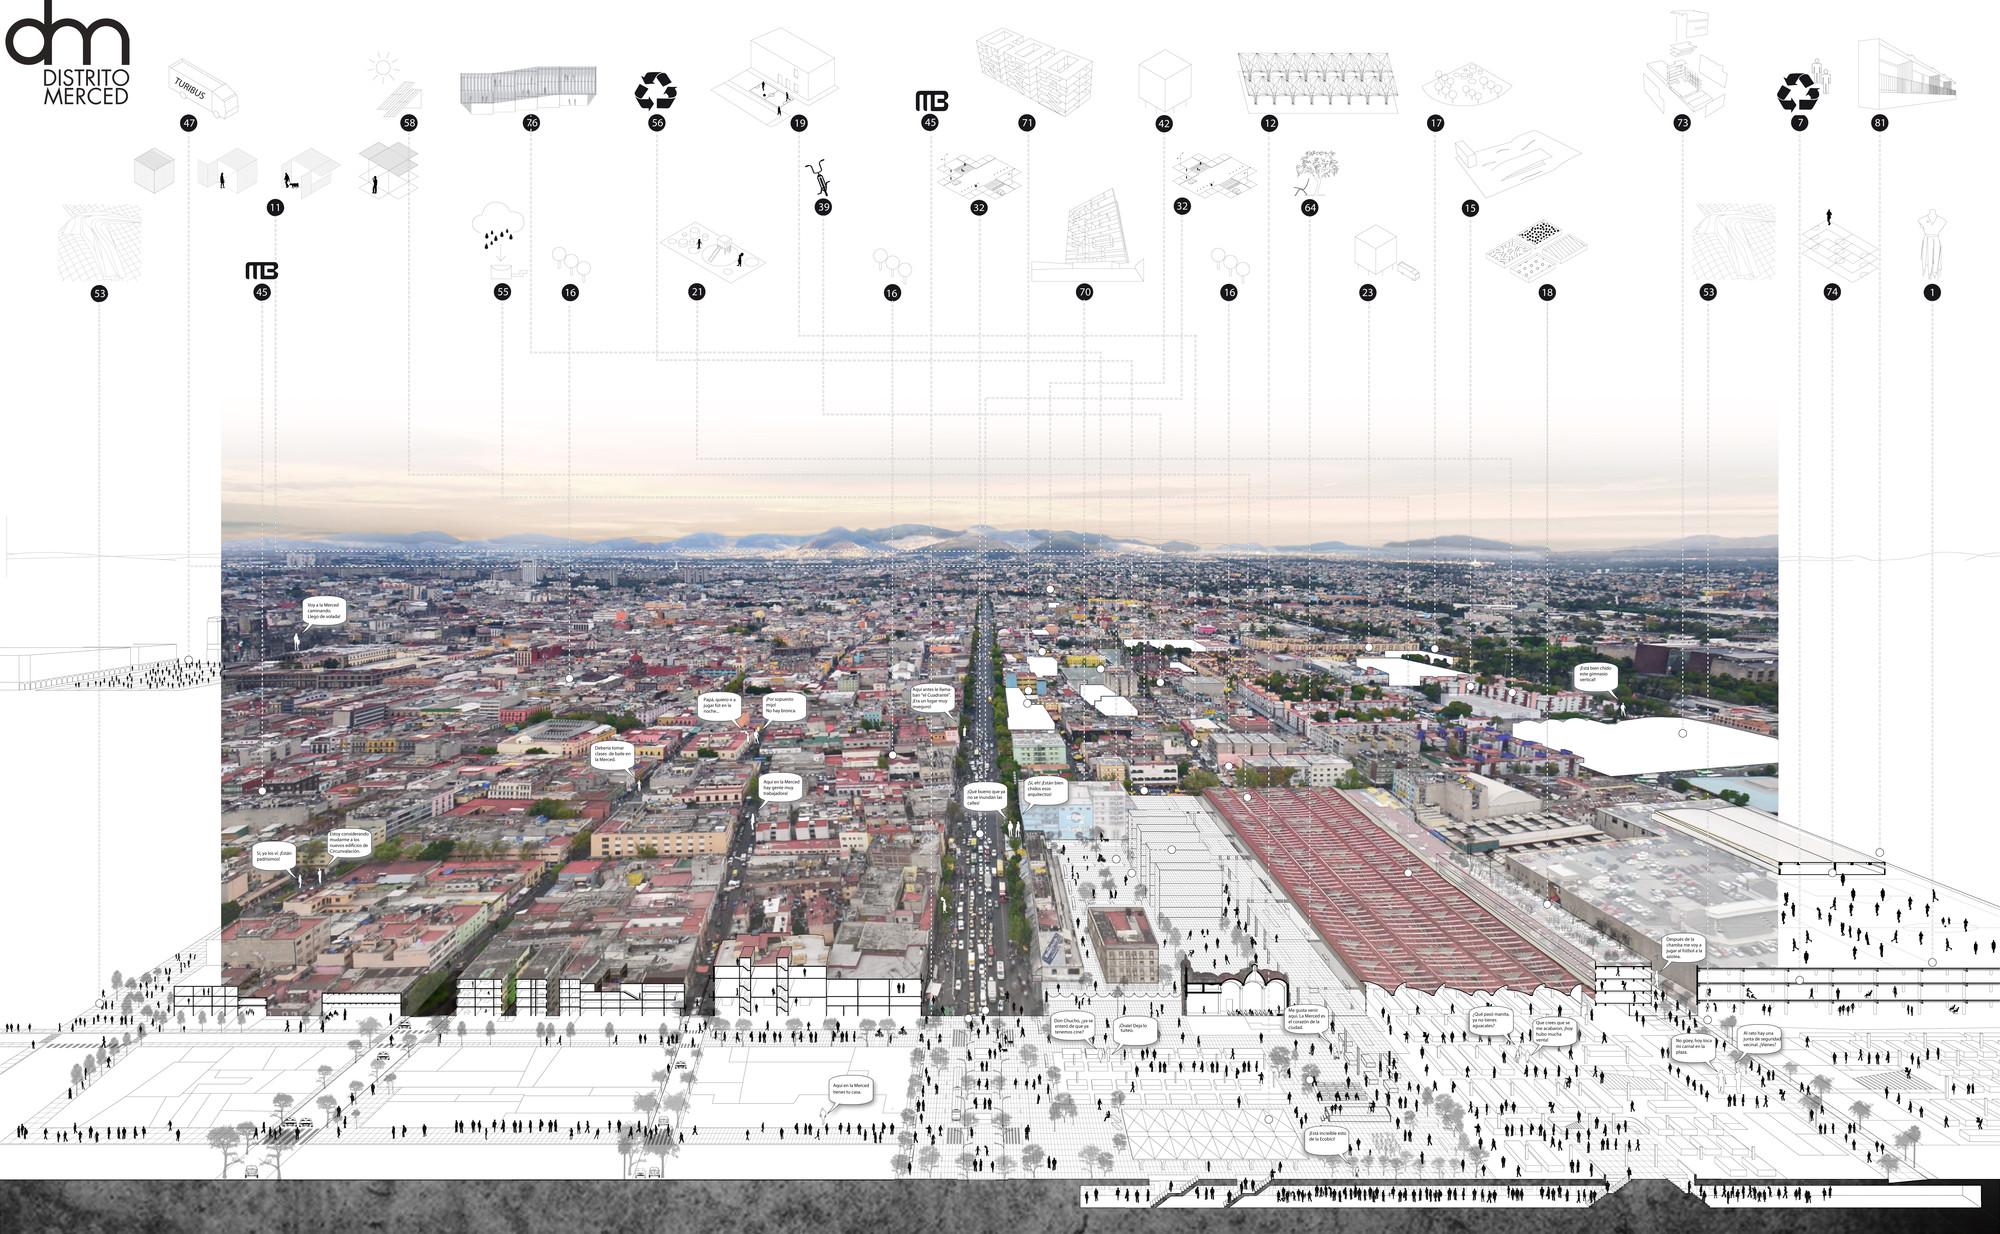 Segundo y Tercer Lugar Anteproyecto Plan Maestro de La Merced , Courtesy of AT103 + arquitectura911 + F304